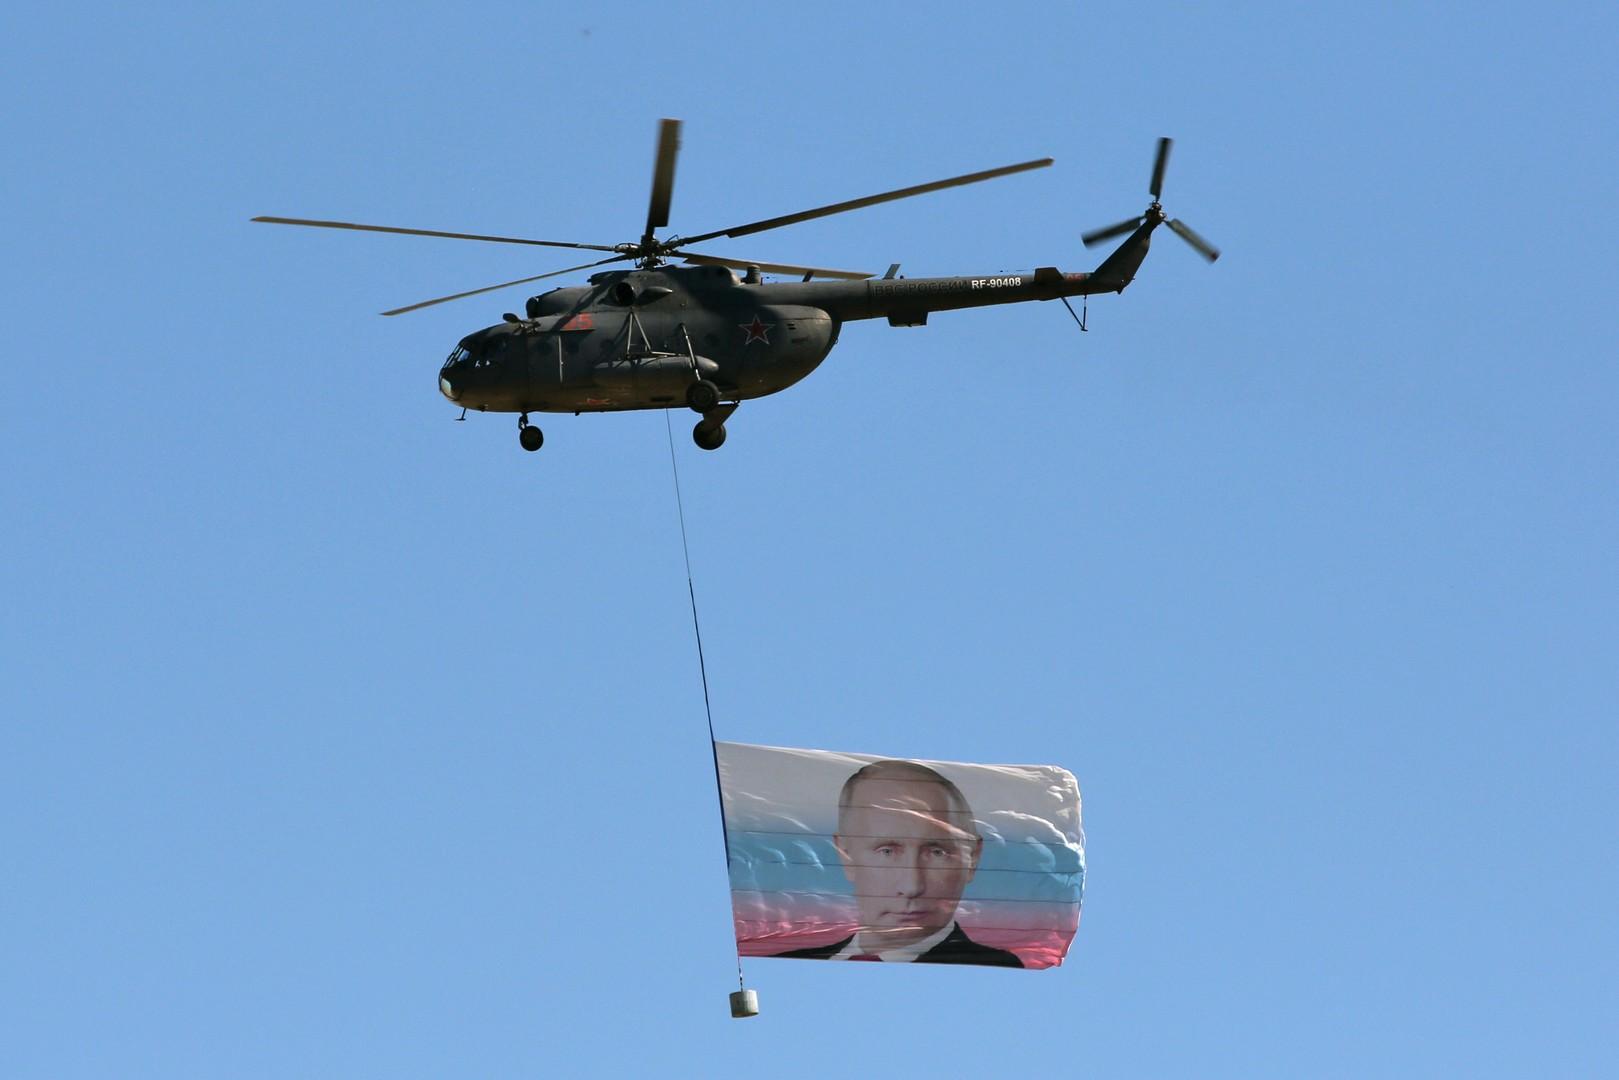 Вертолёт Ми-8 во время конкурса «Авиадартс-2016», проходящего в рамках «Международных армейских игр-2016», на полигоне «Дубровичи» в Рязанской области.